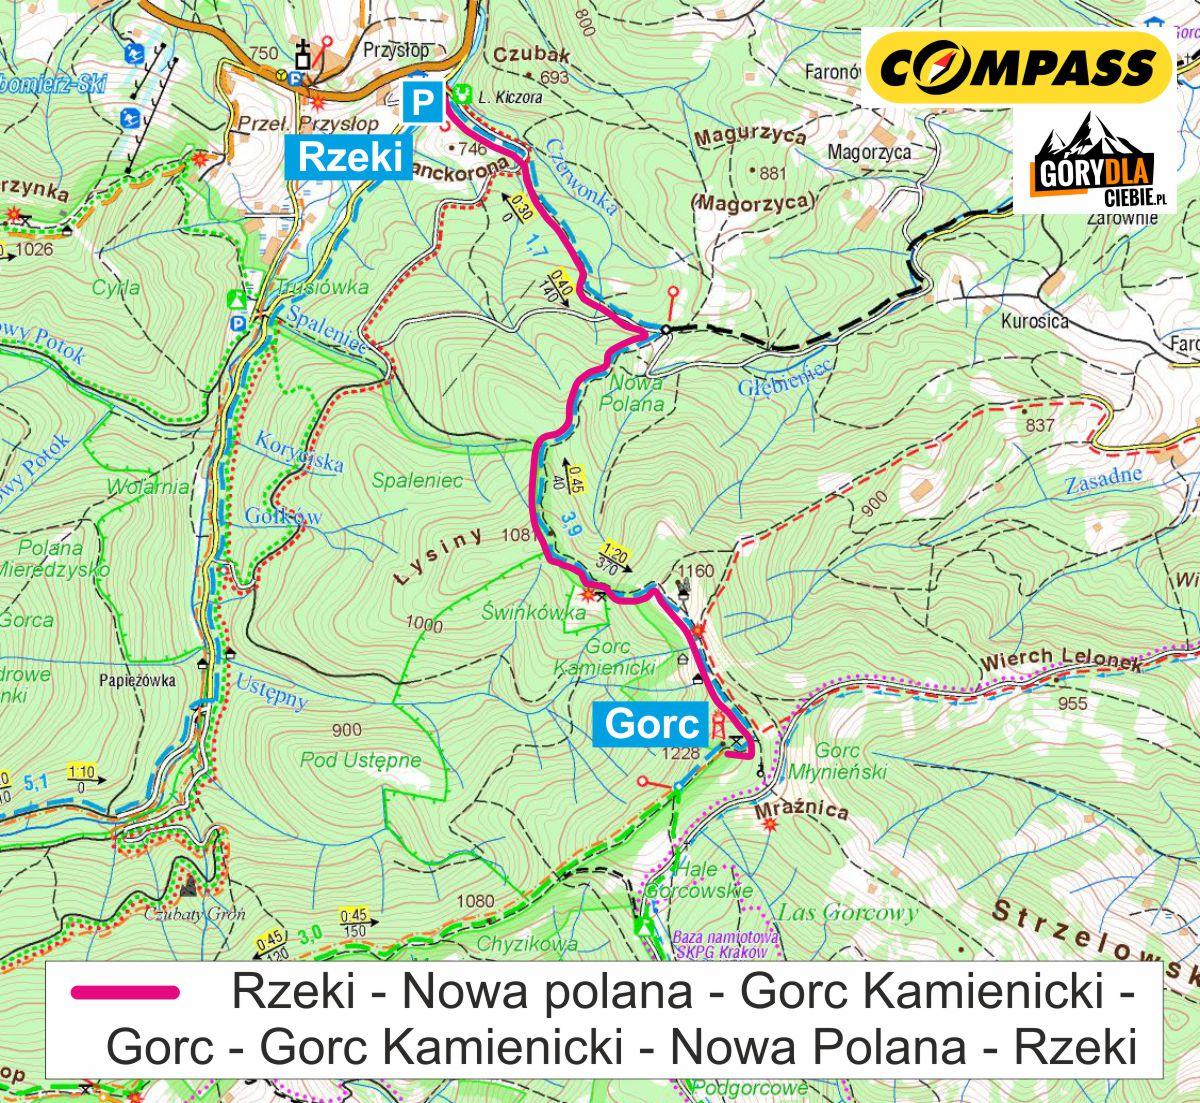 Gorc zRzek - mapa trasy